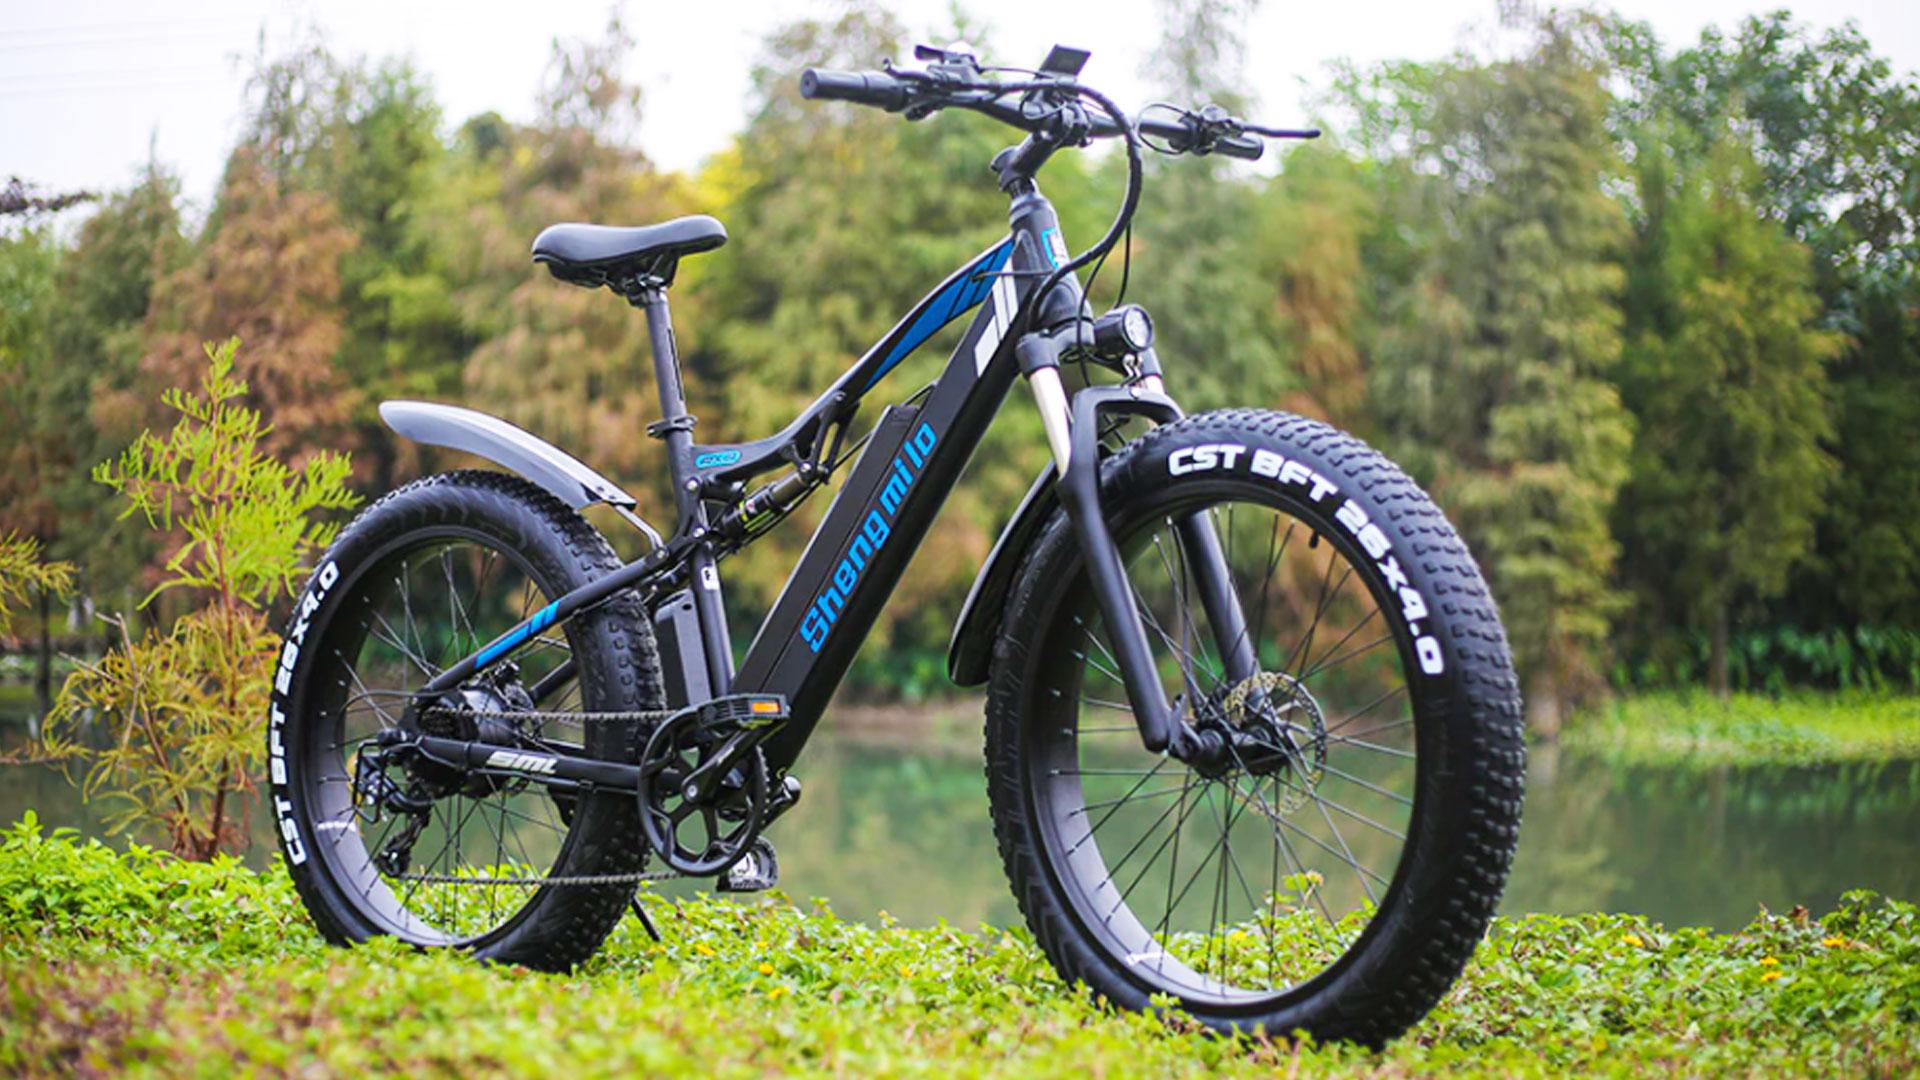 Shengmilo MX03 Electric Bike